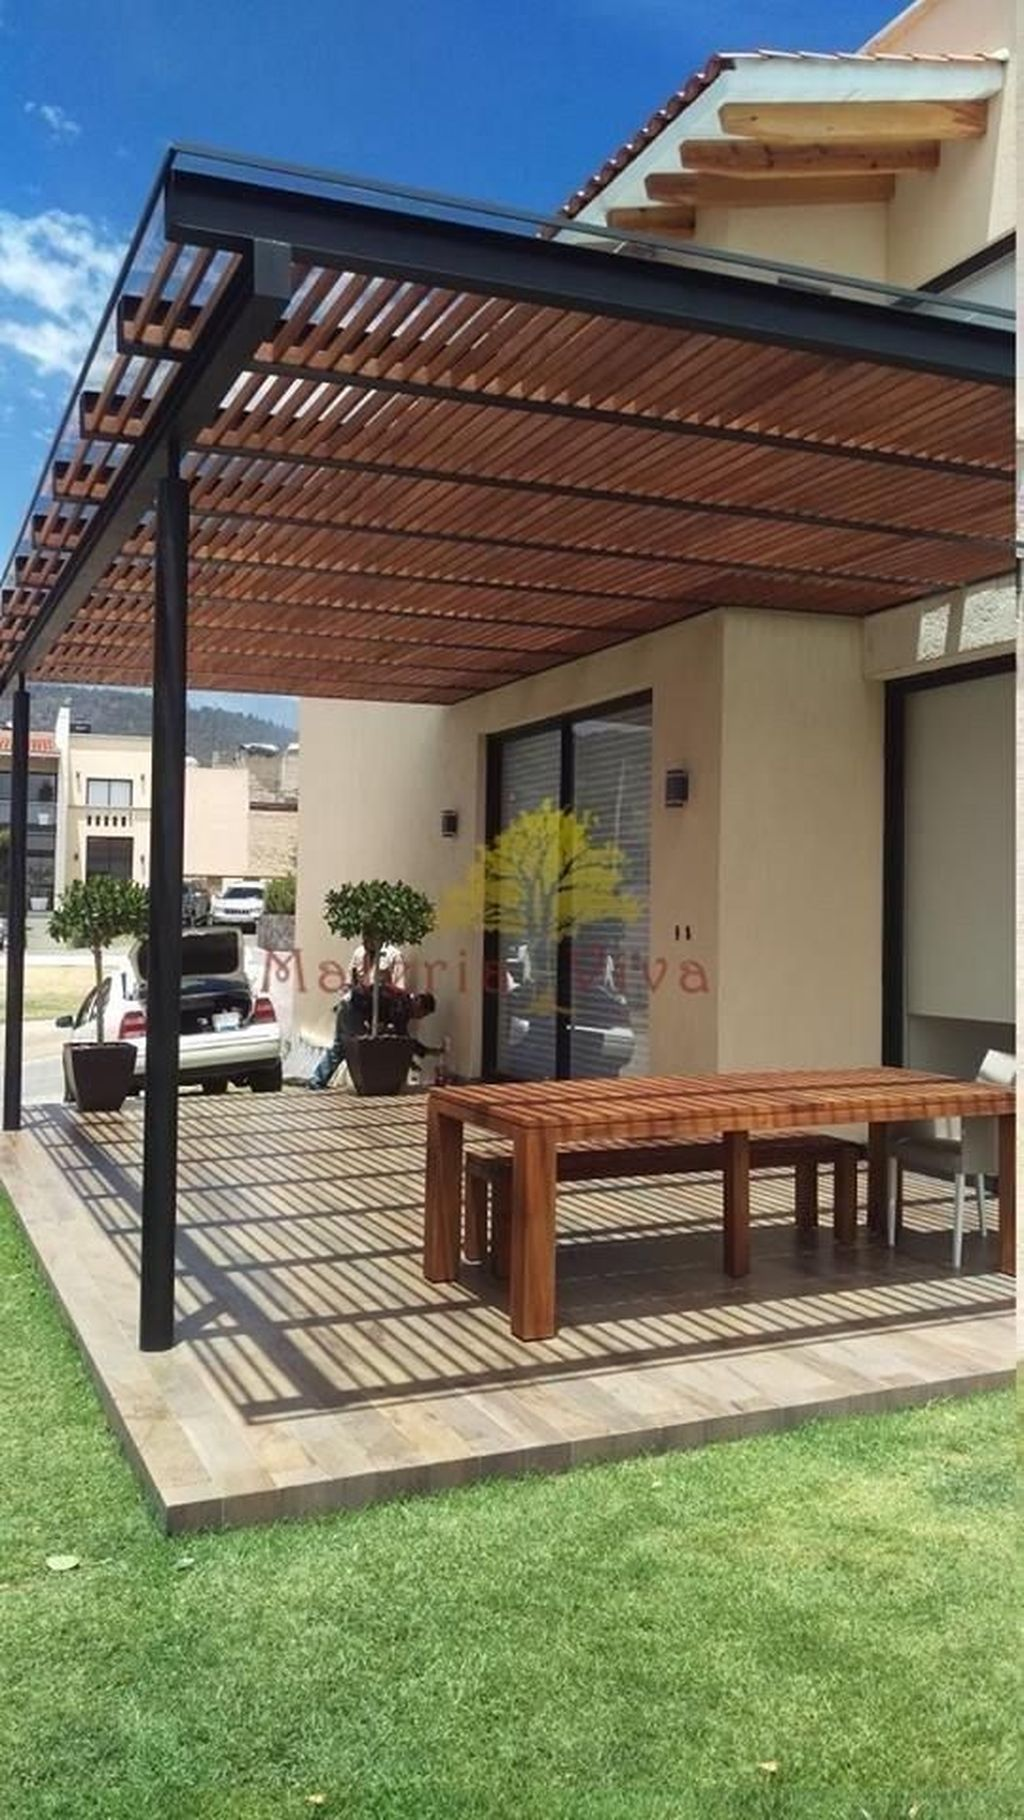 Inspiring Pergola Patio Design Ideas For Your Backyard Decor 04